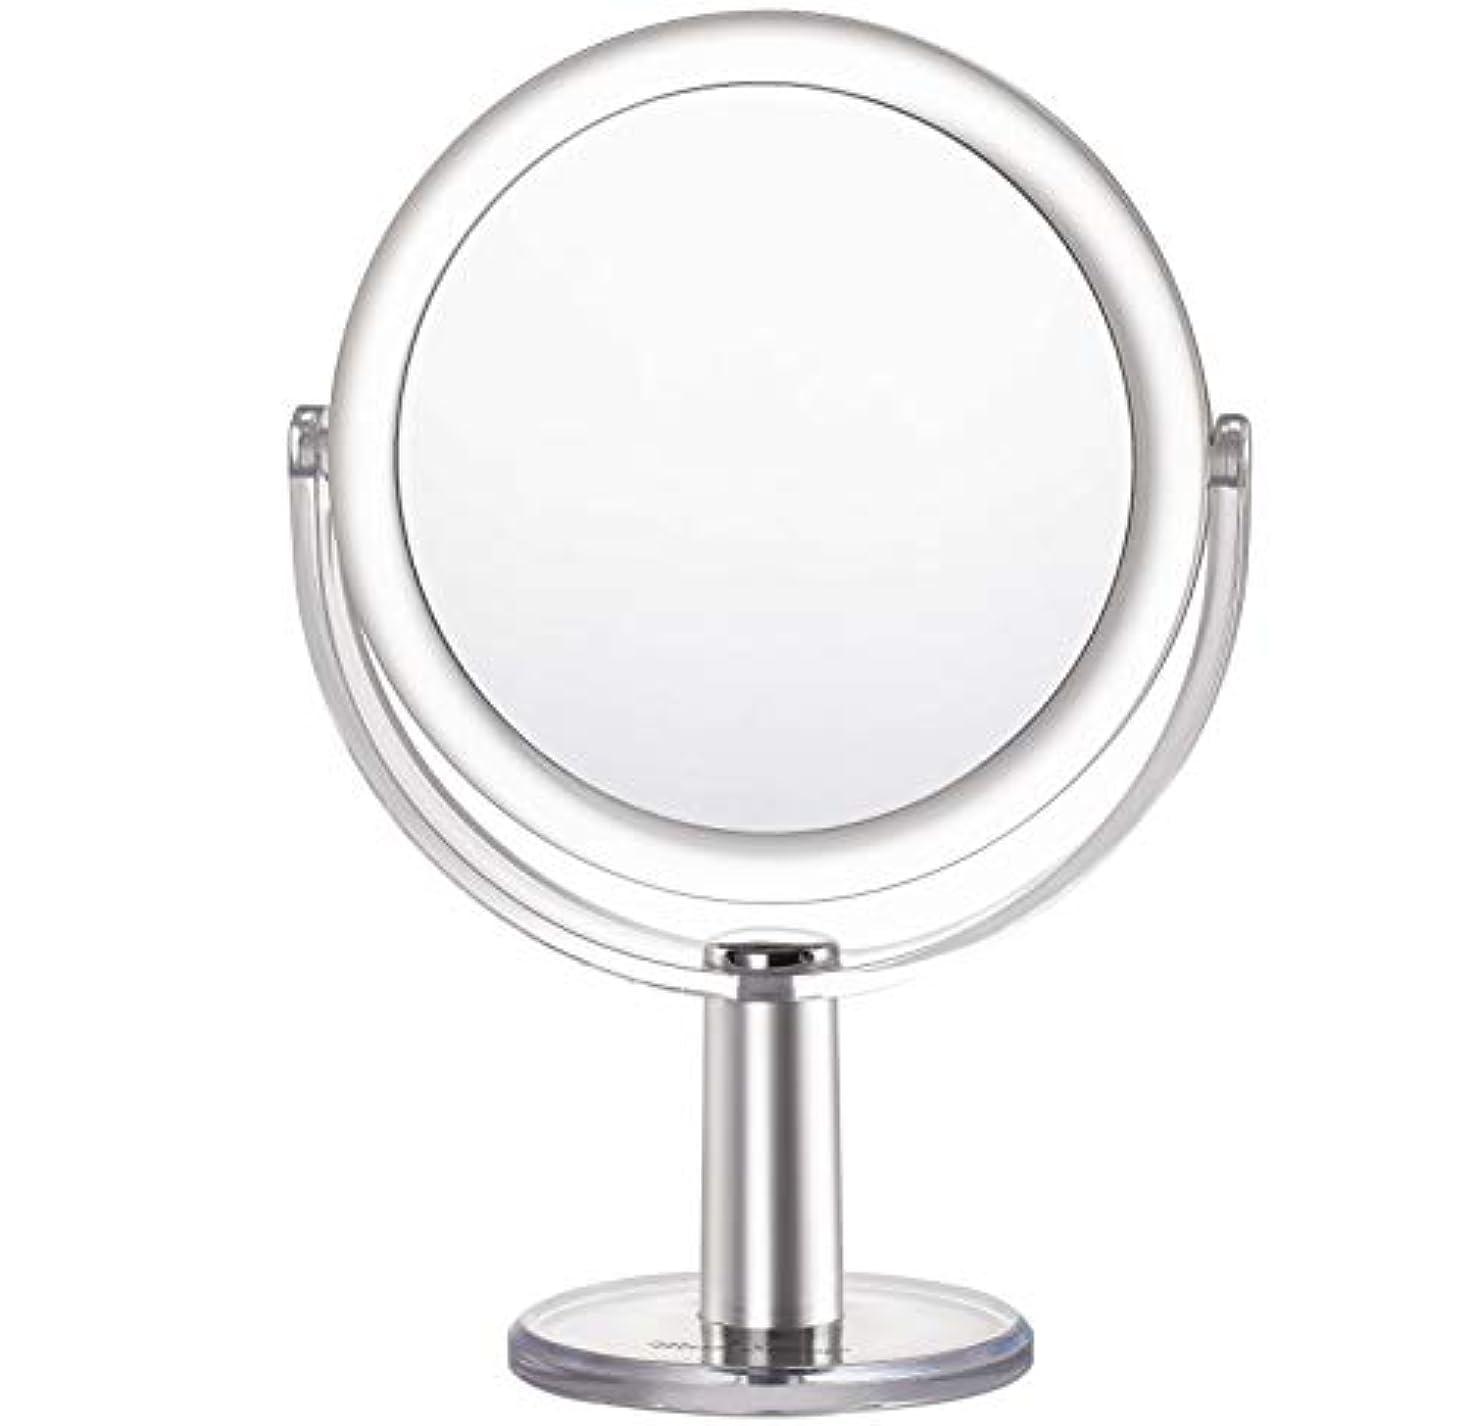 ホールドオール遊びます韻Miss Sweet 5倍拡大鏡付き スタンドミラー 卓上化粧鏡 両面鏡 1倍*5倍 (Color 2 (1倍*5倍))